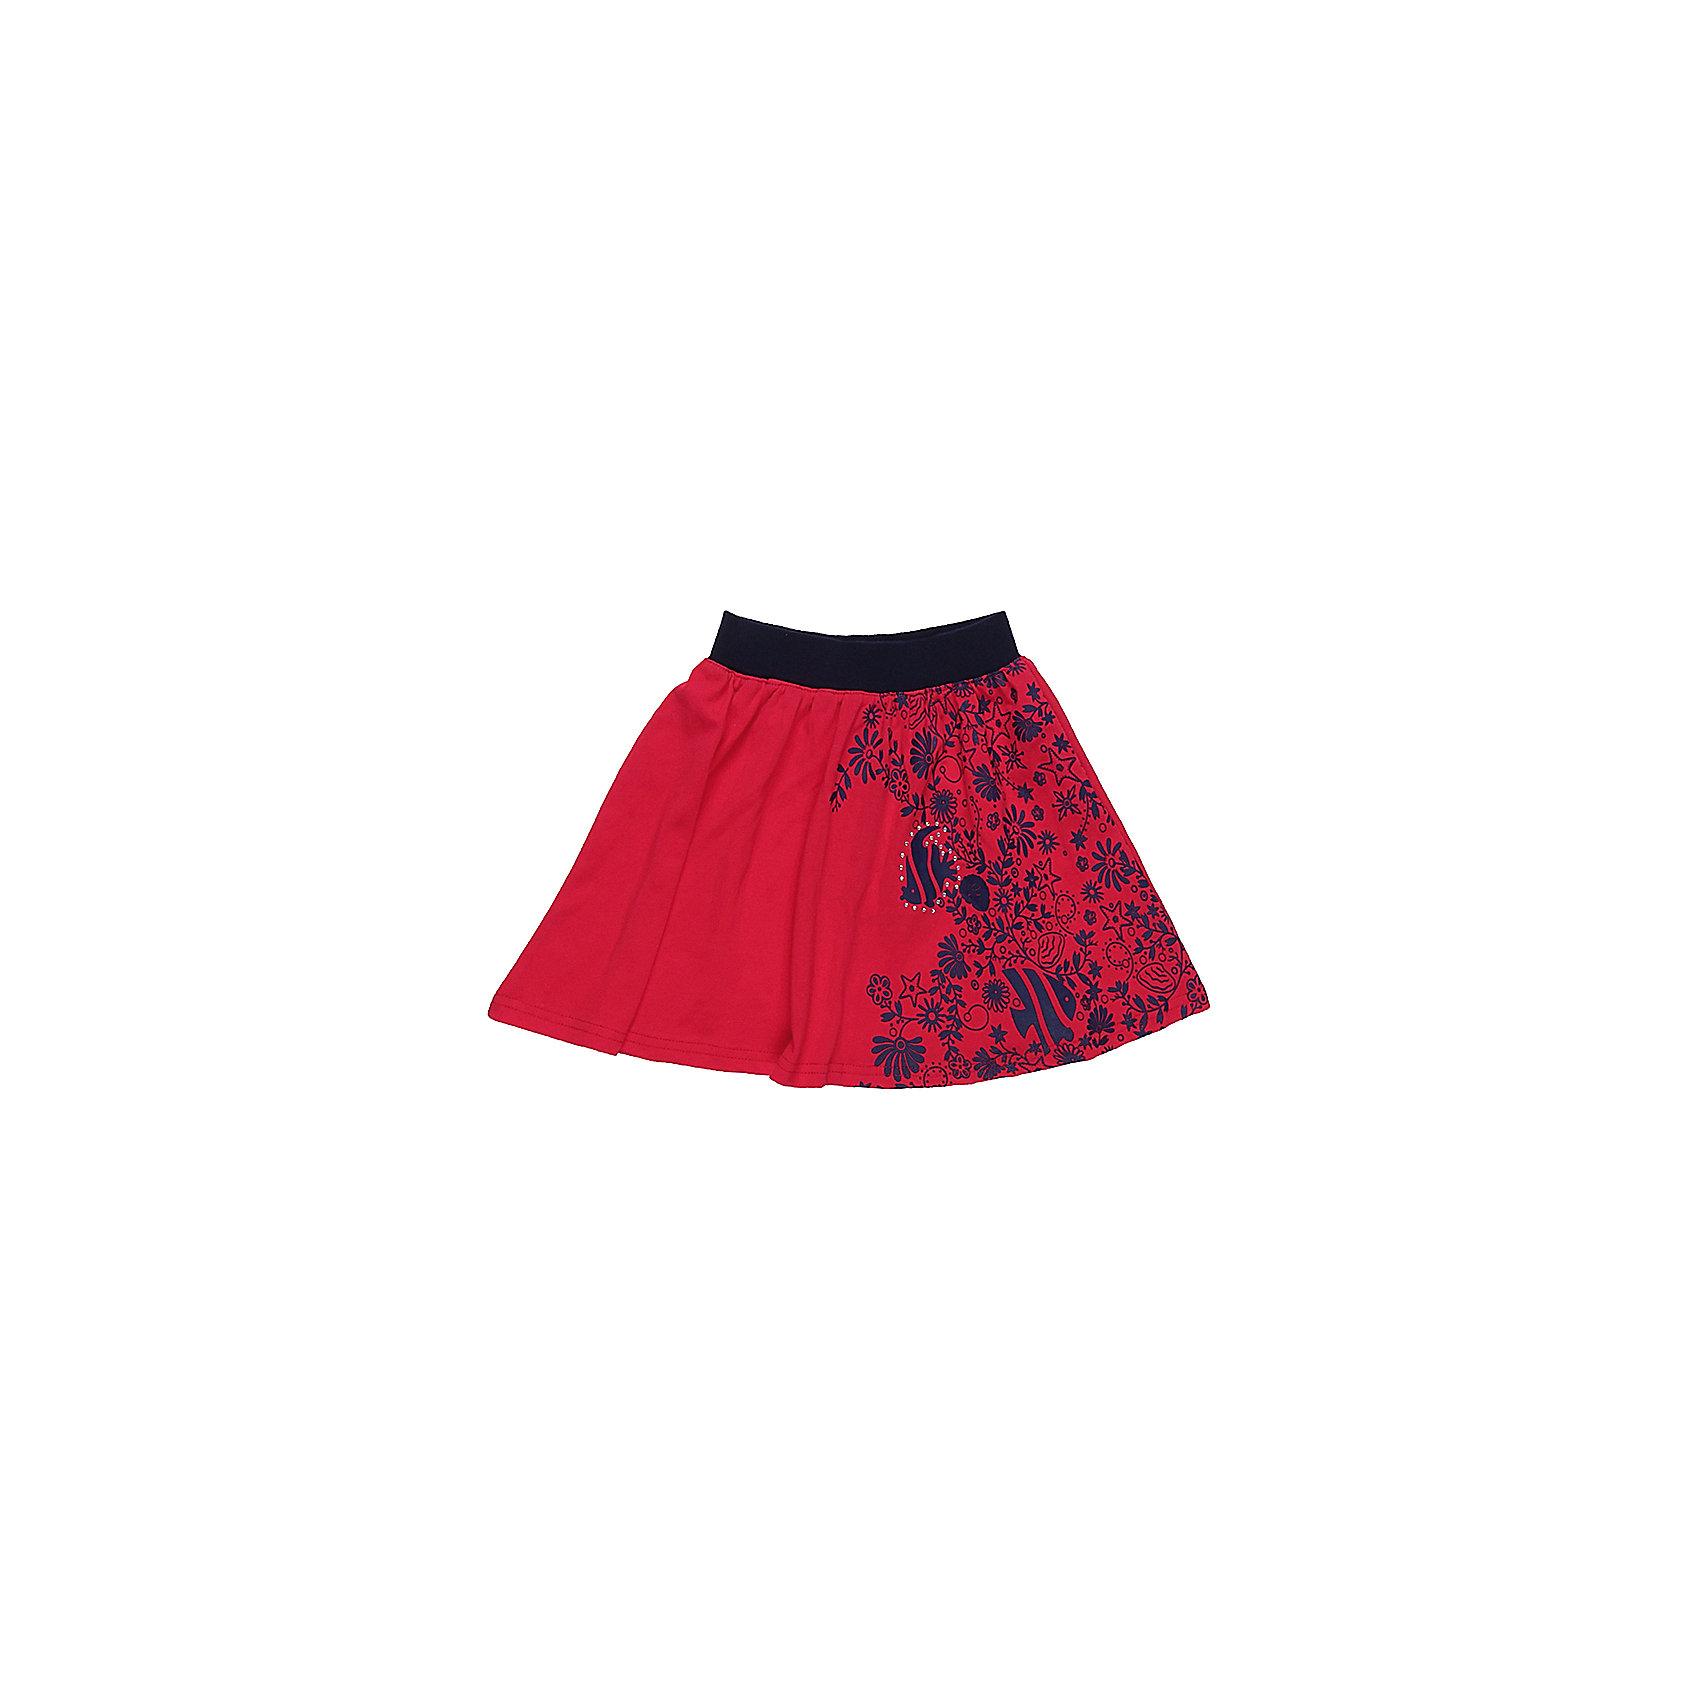 Юбка для девочки Sweet BerryЮбки<br>Яркая трикотажная юбка для девочки декорированная оригинальным принтом. Широкий контрастный пояс.<br>Состав:<br>100%хлопок<br><br>Ширина мм: 207<br>Глубина мм: 10<br>Высота мм: 189<br>Вес г: 183<br>Цвет: красный<br>Возраст от месяцев: 36<br>Возраст до месяцев: 48<br>Пол: Женский<br>Возраст: Детский<br>Размер: 104,98,110,116,122,128<br>SKU: 5412169